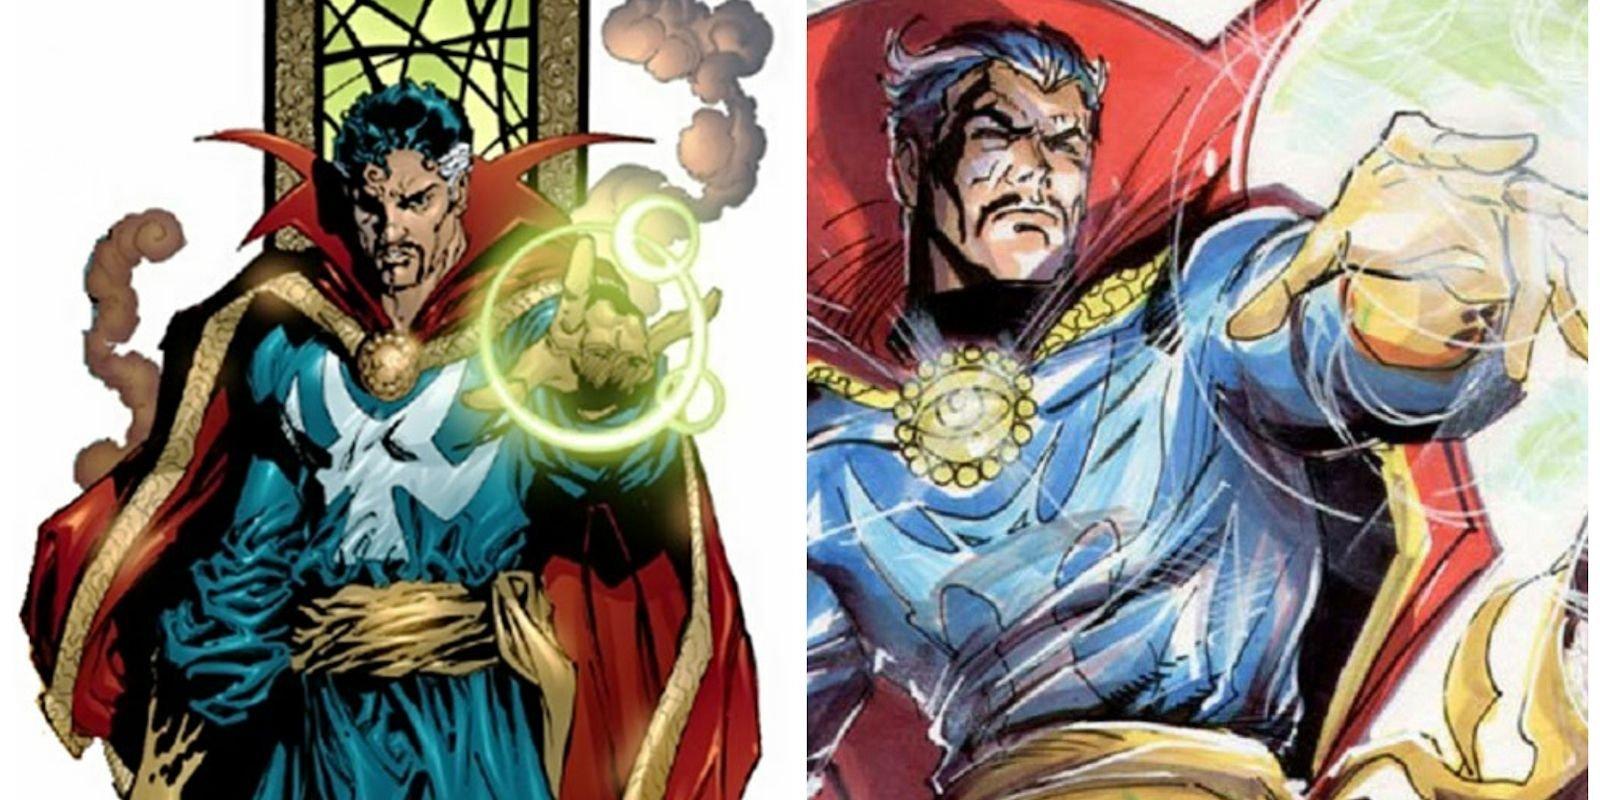 Marvel: 10 Toughest Spells Dr. Strange Learned